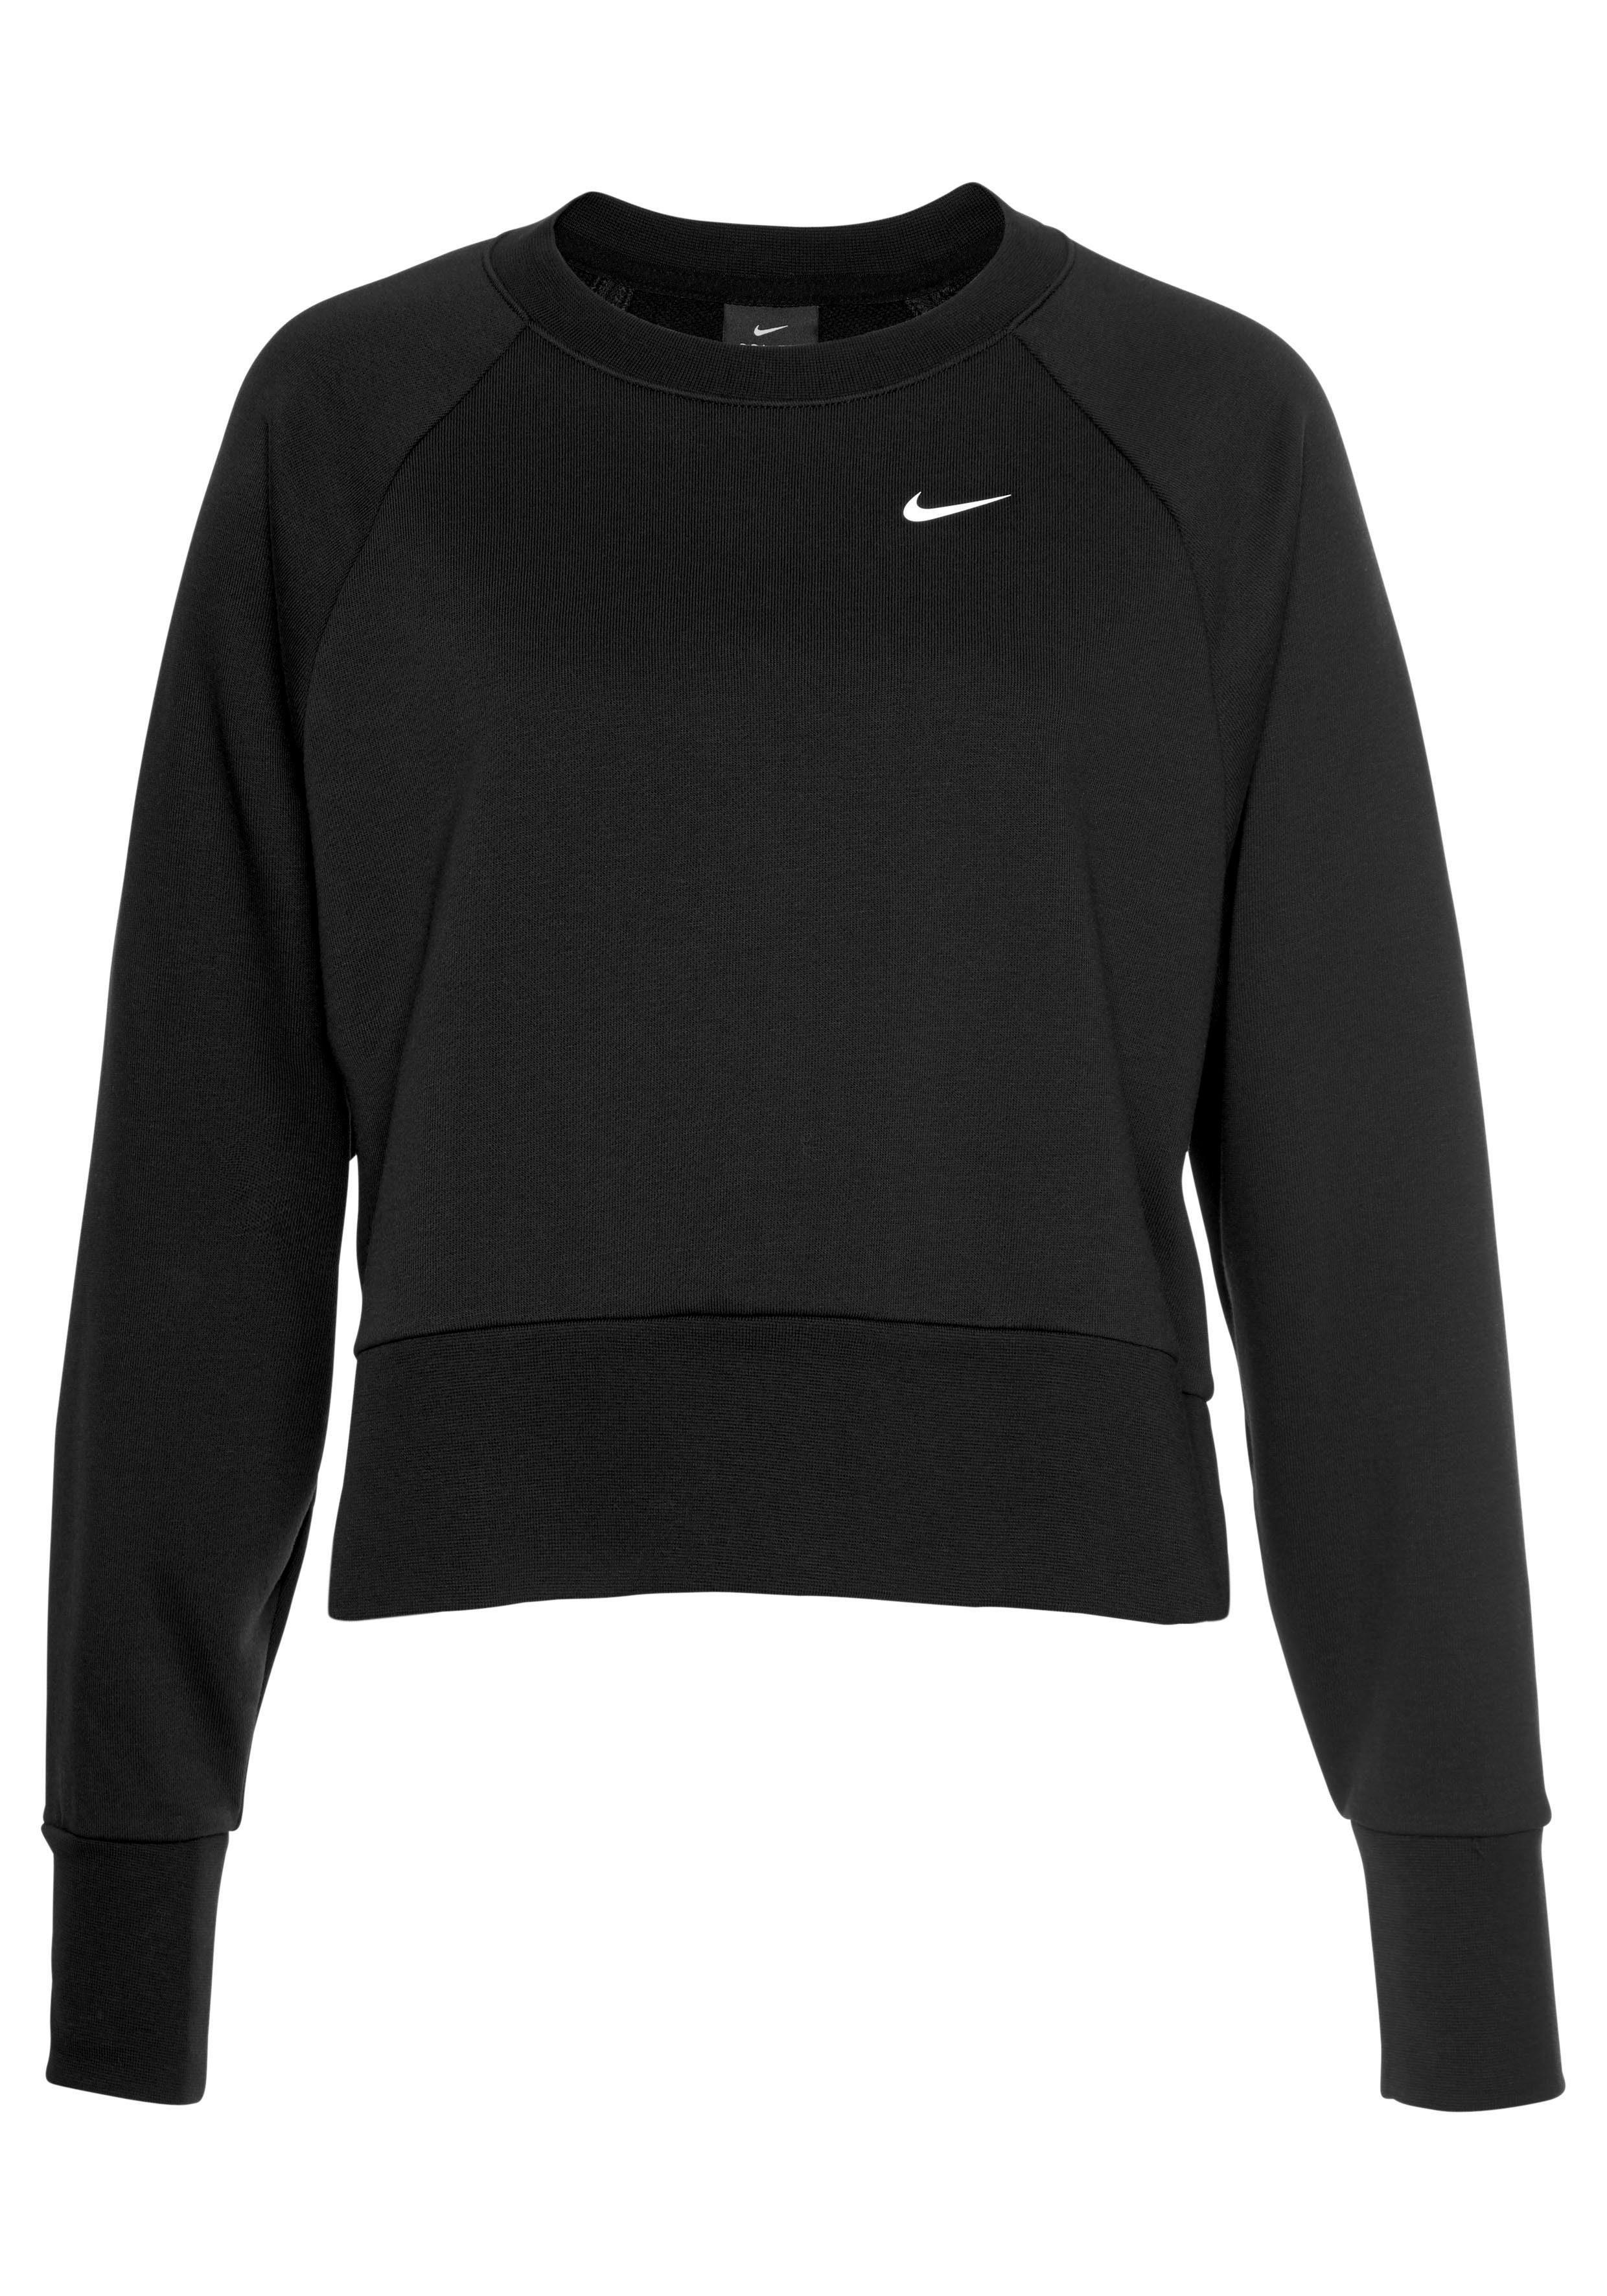 Crew Trainingsshirt Online Nk Dry Ls Kaufen Grx Versa« Nike Top »w SUpzVM